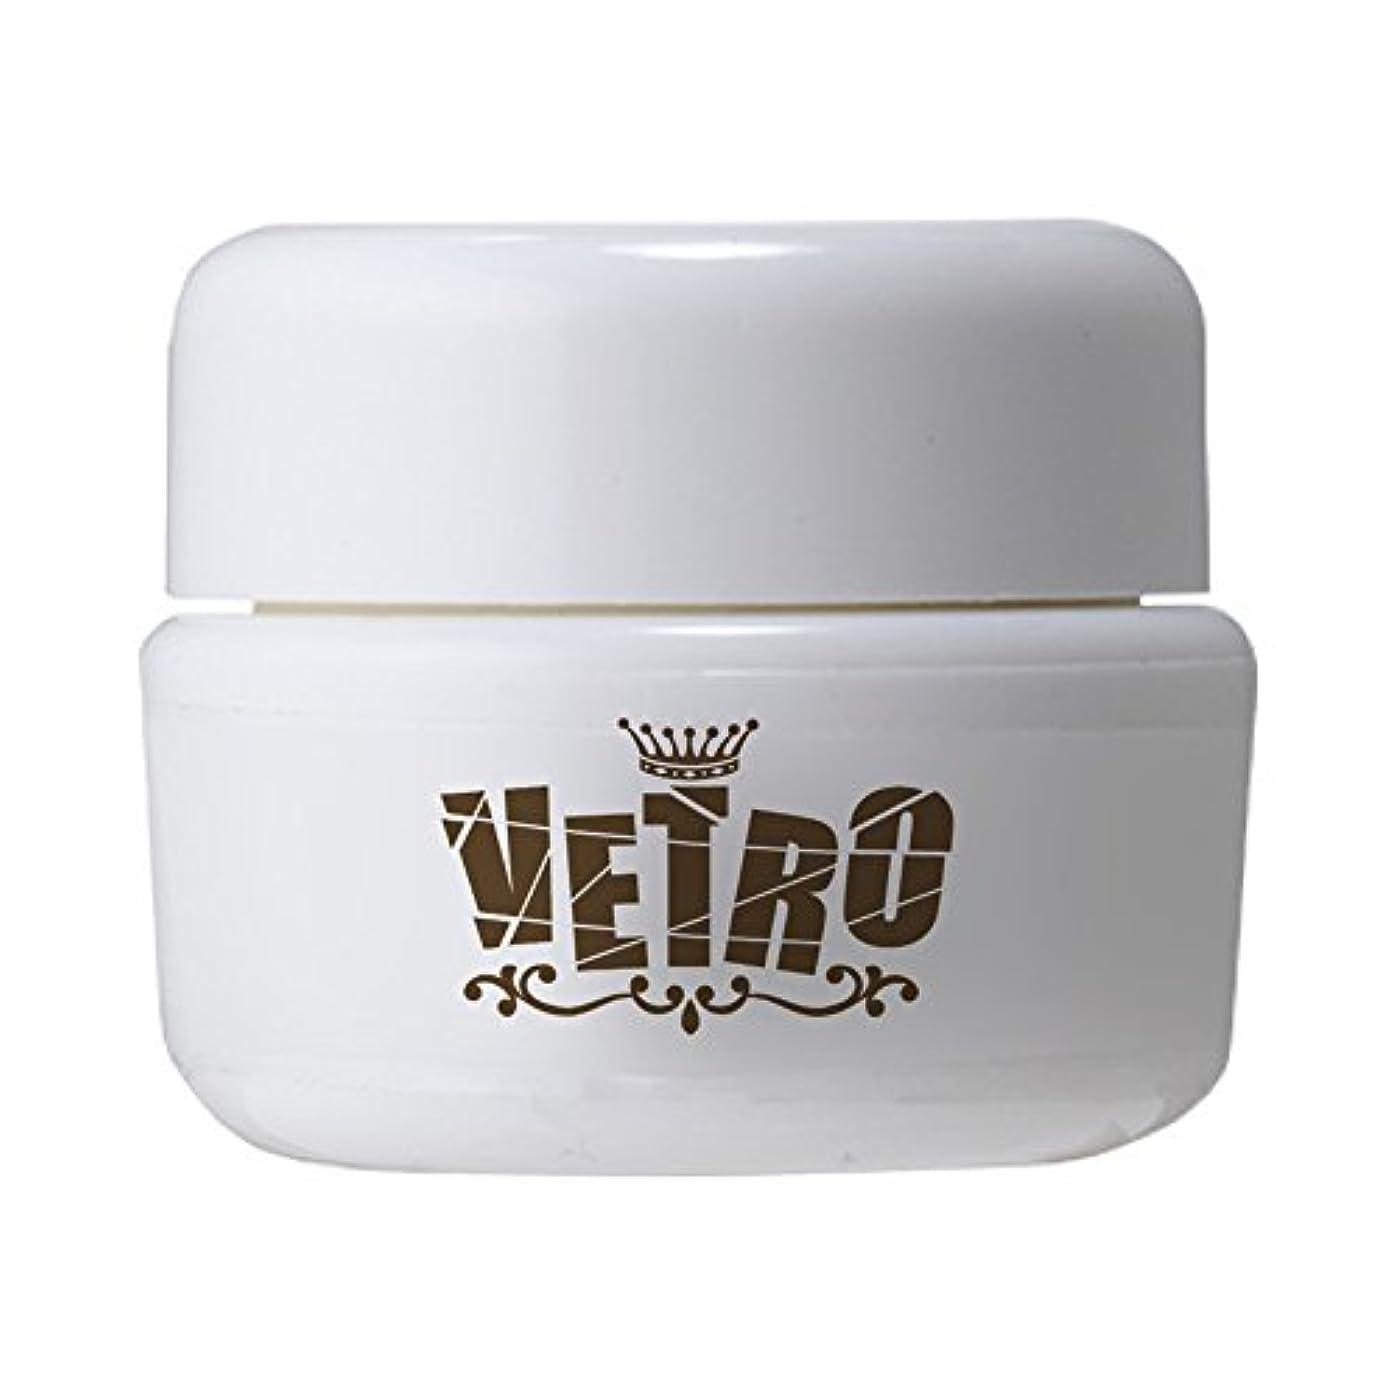 VETRO No.19 カラージェル マット VL279 ポッパーイエロー 4ml